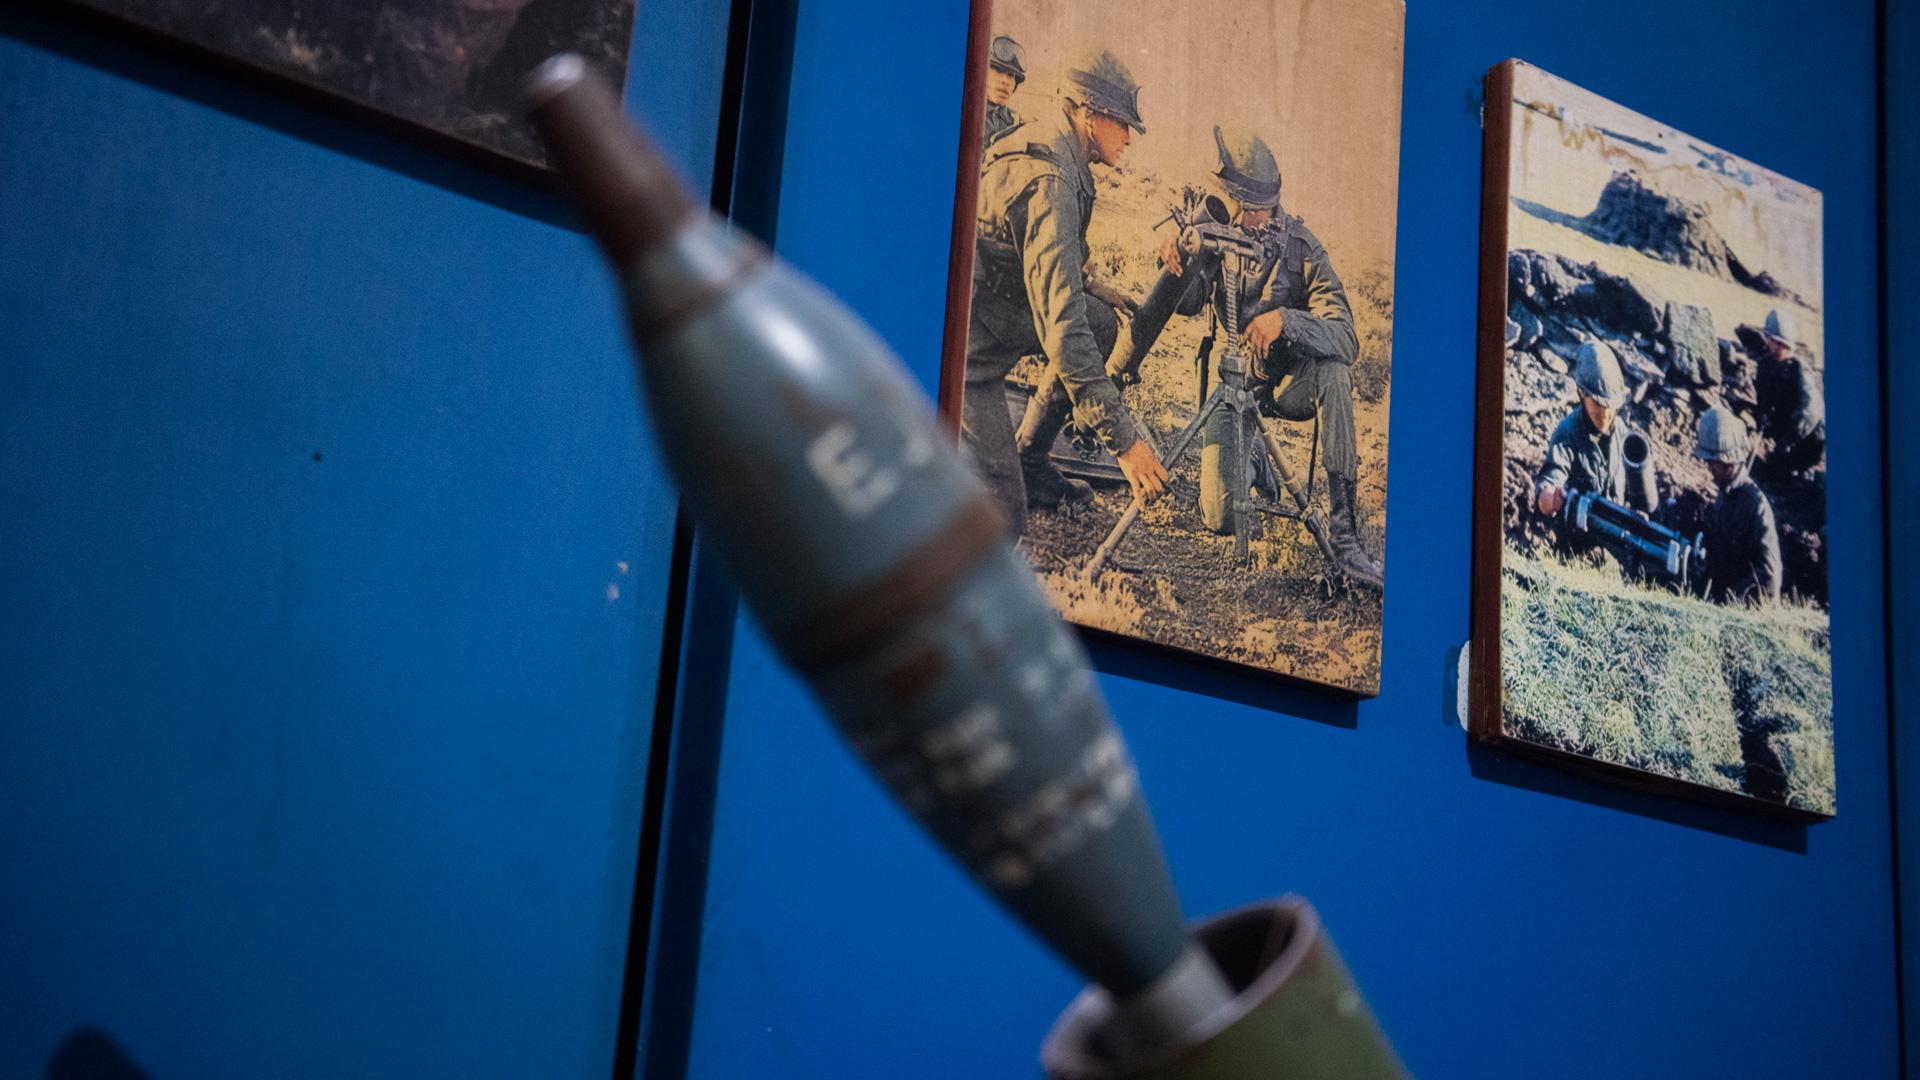 Fotos históricas que documentan el accionar del Ejército Argentino durante el conflicto bélico desarrollado entre el 2 de abril y el 14 de junio de 1982